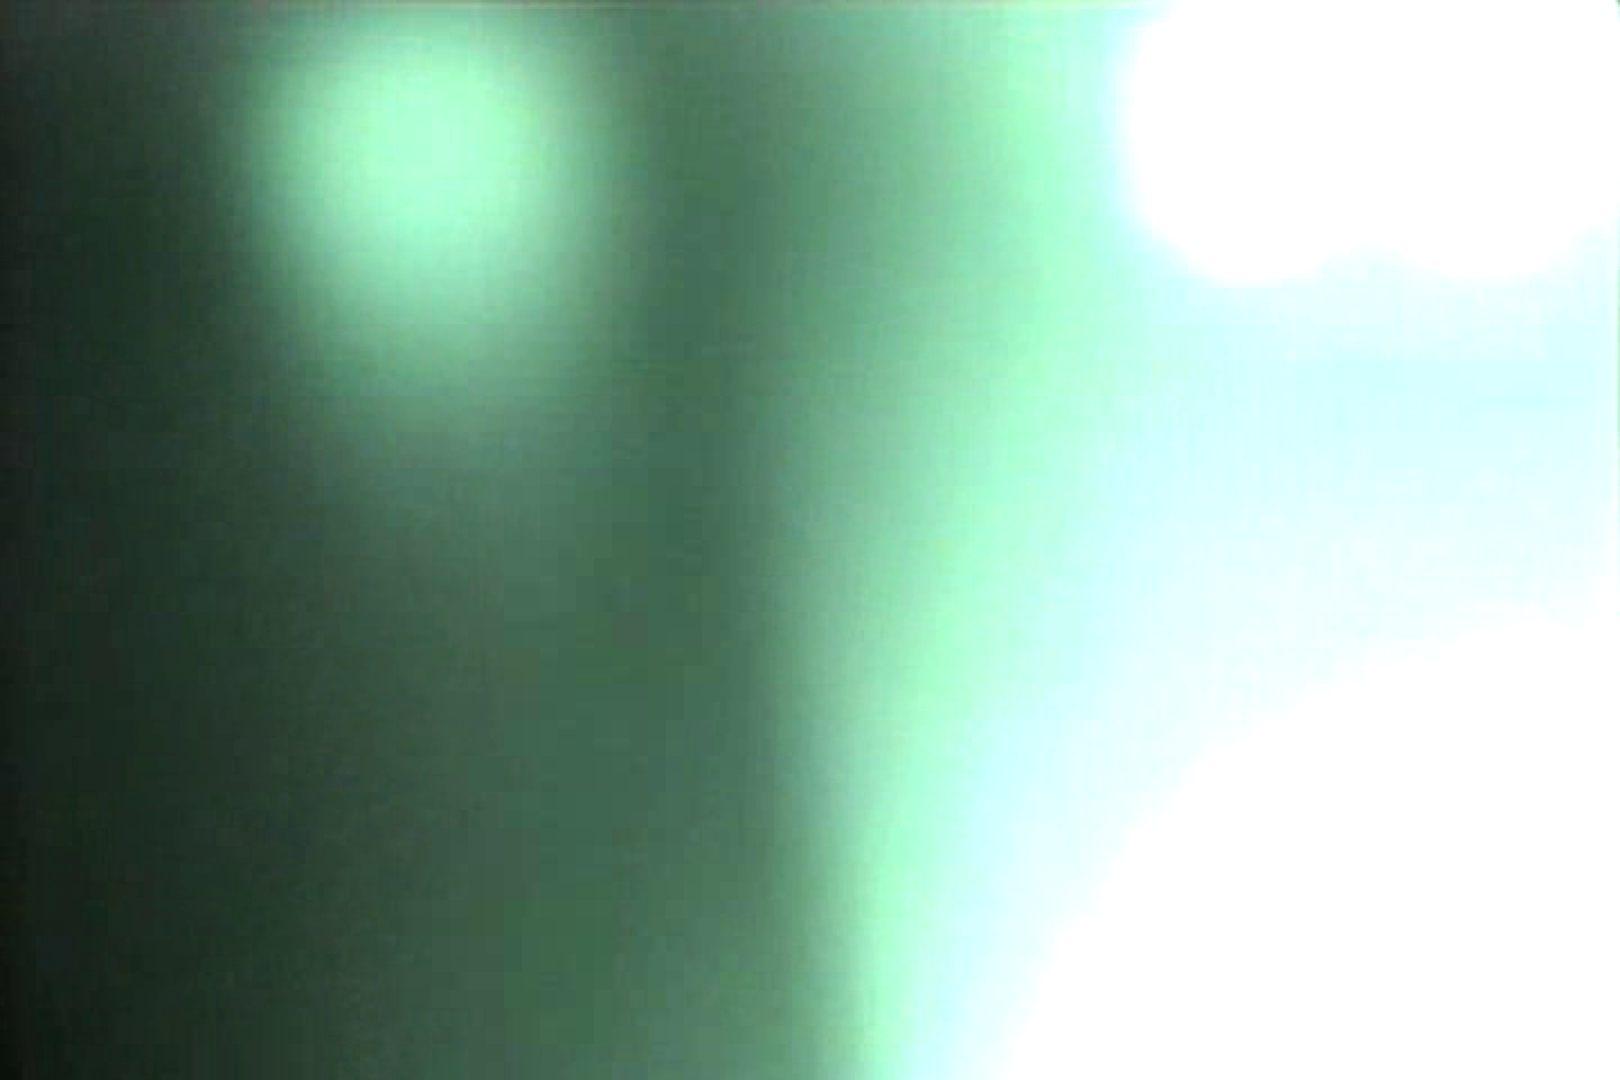 蔵出し!!赤外線カーセックスVol.2 OLヌード天国  68PIX 5